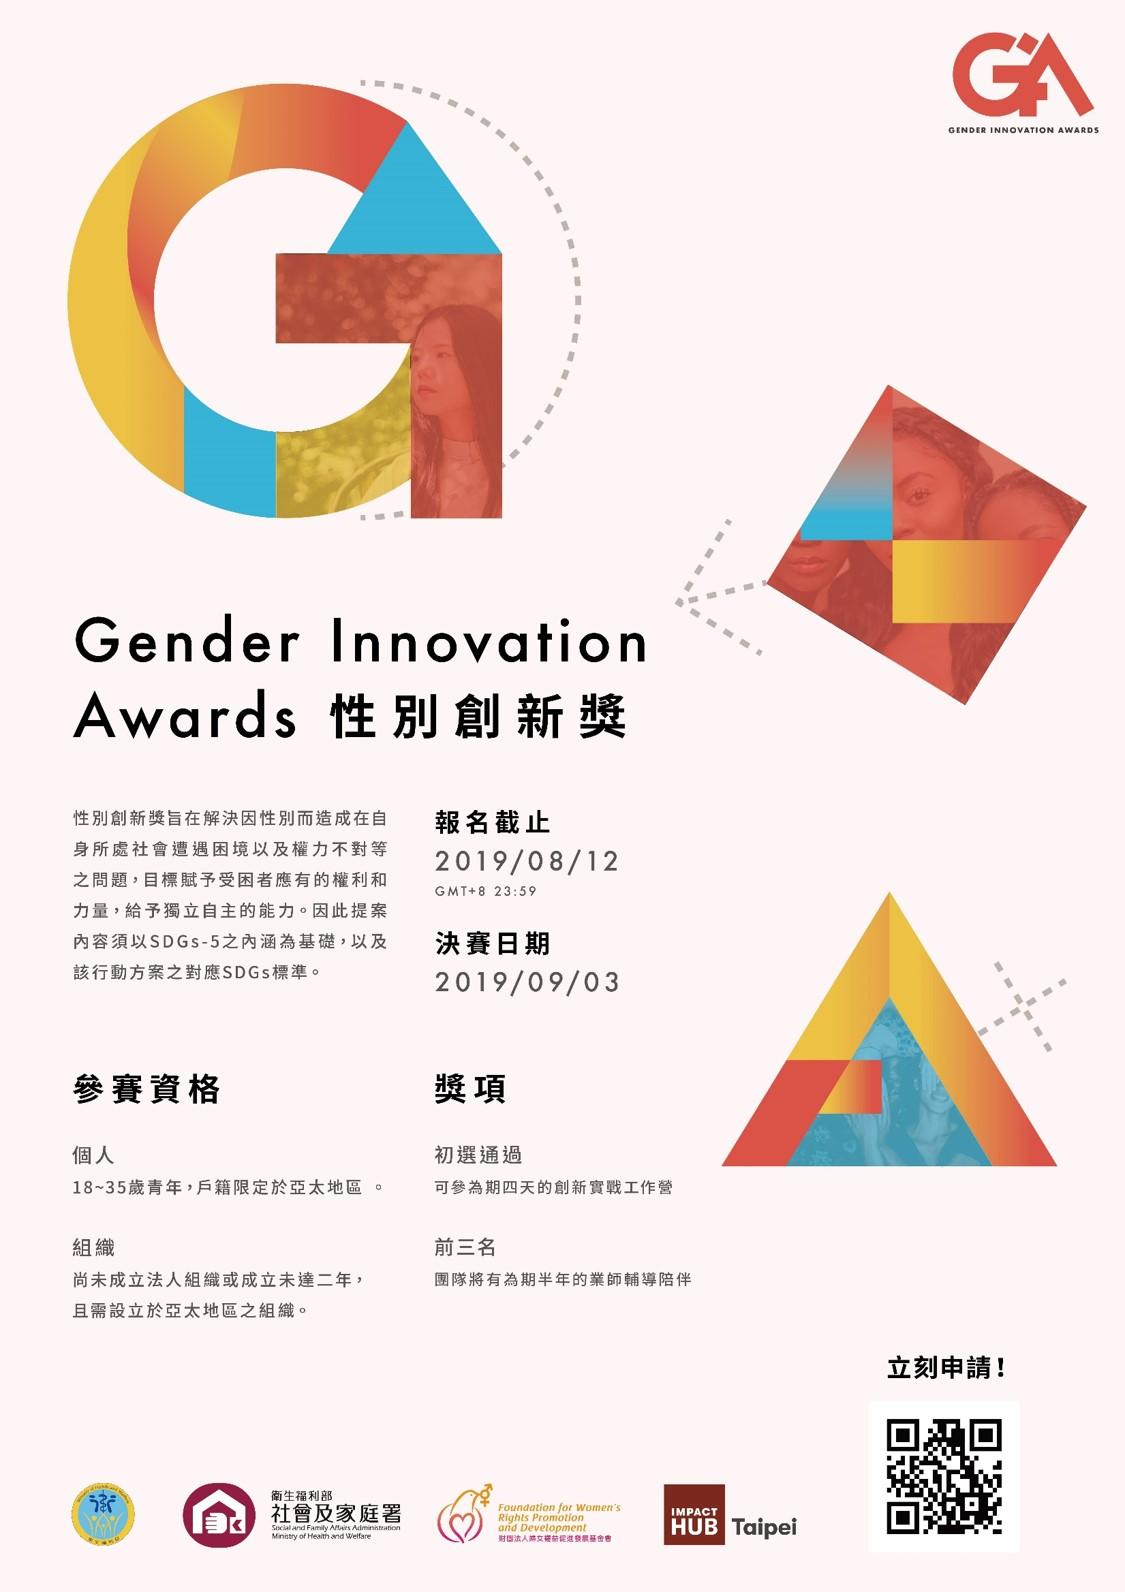 Gender Innovation Awards 性別創新獎(發佈日期20190725)